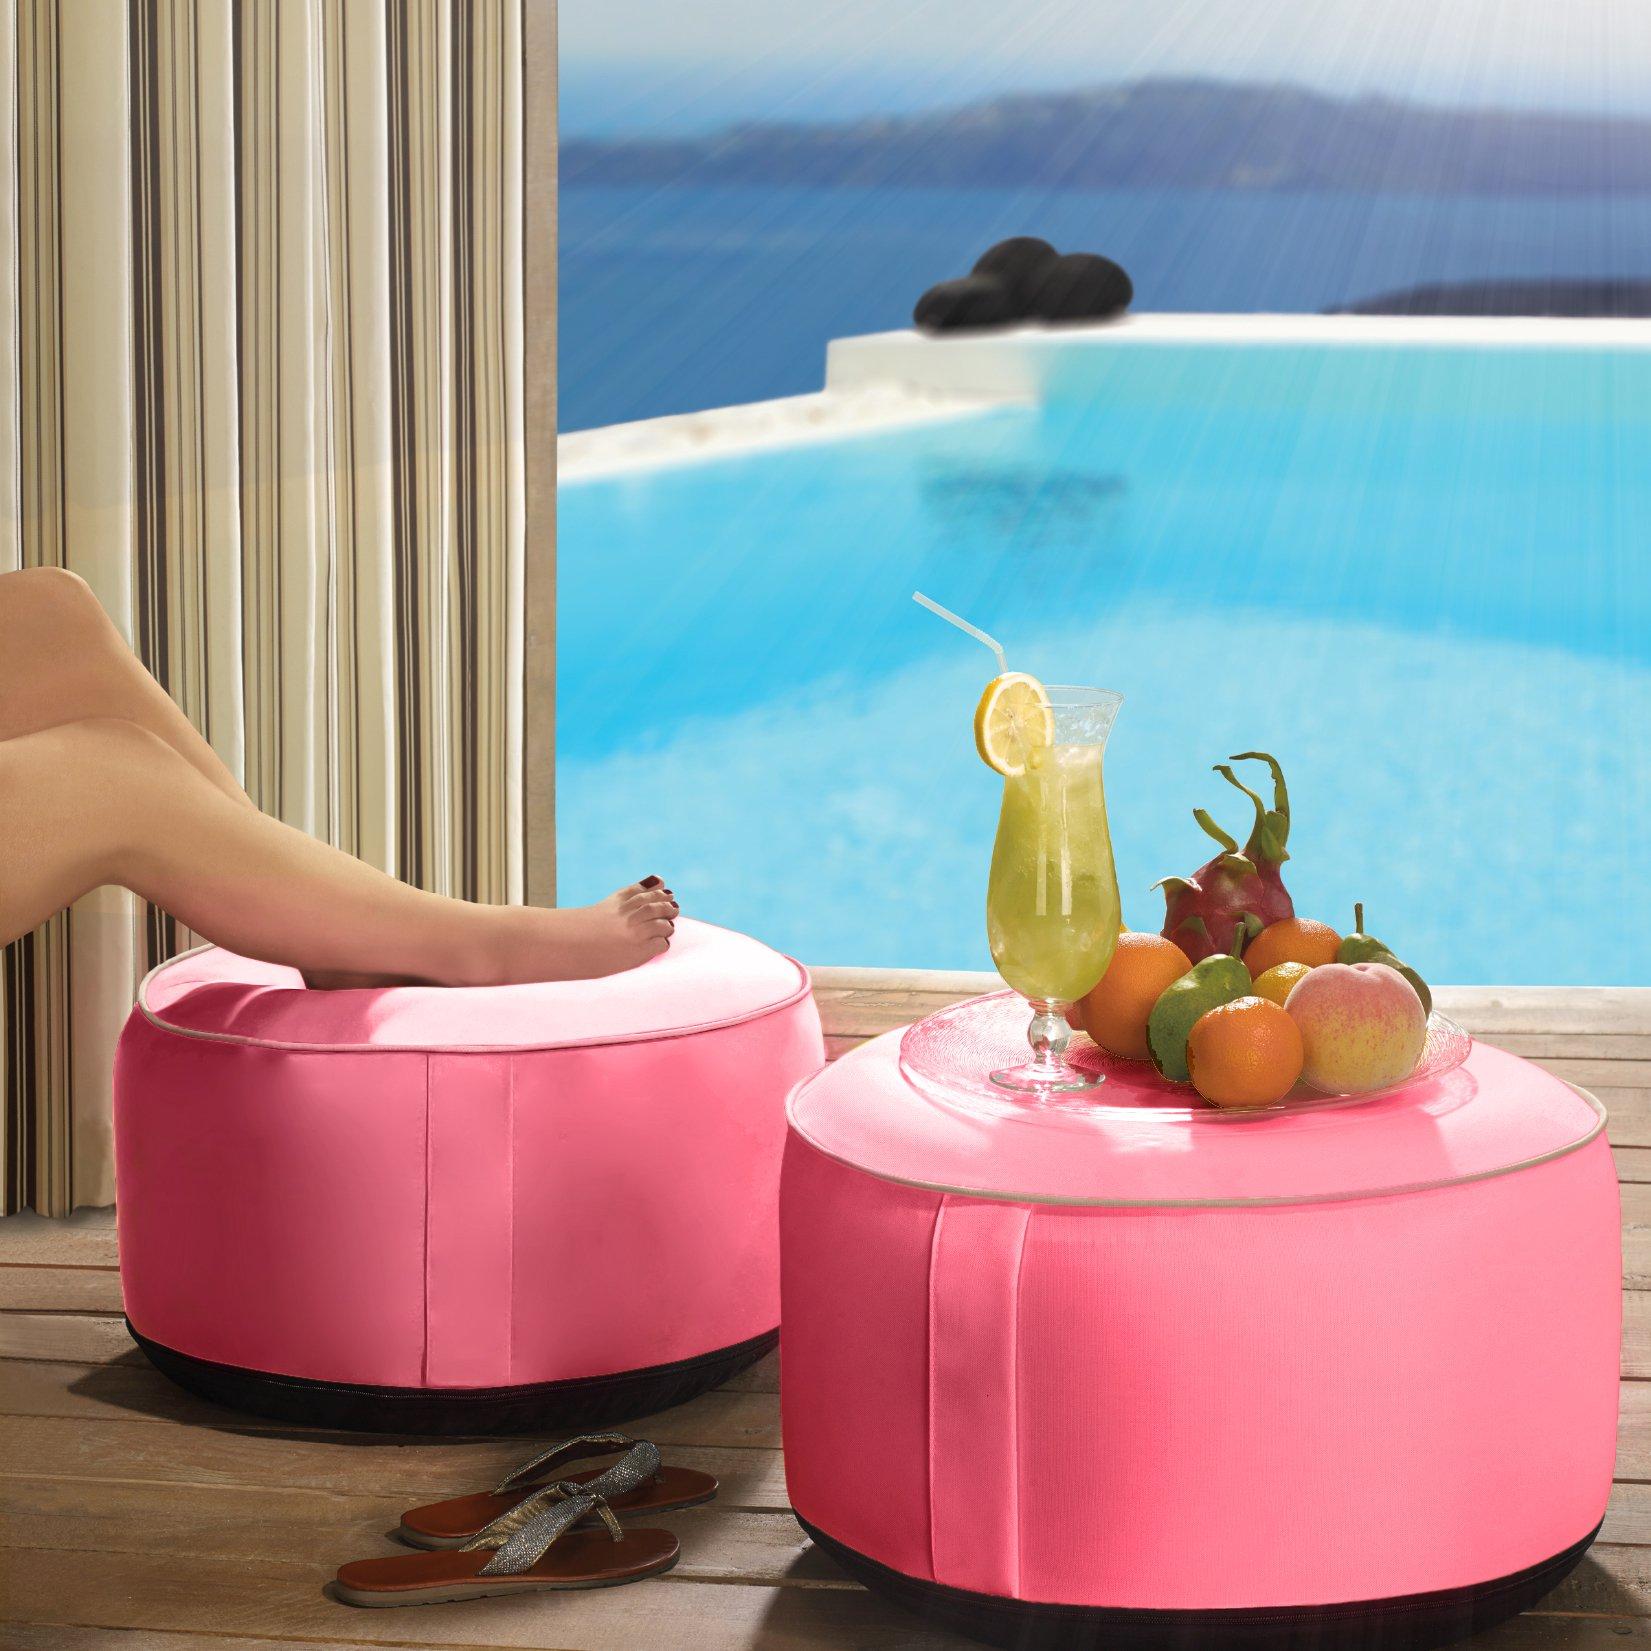 Outdoor Decor Splash N Dash 21 in.Inflatable Indoor / Outdoor Pouf